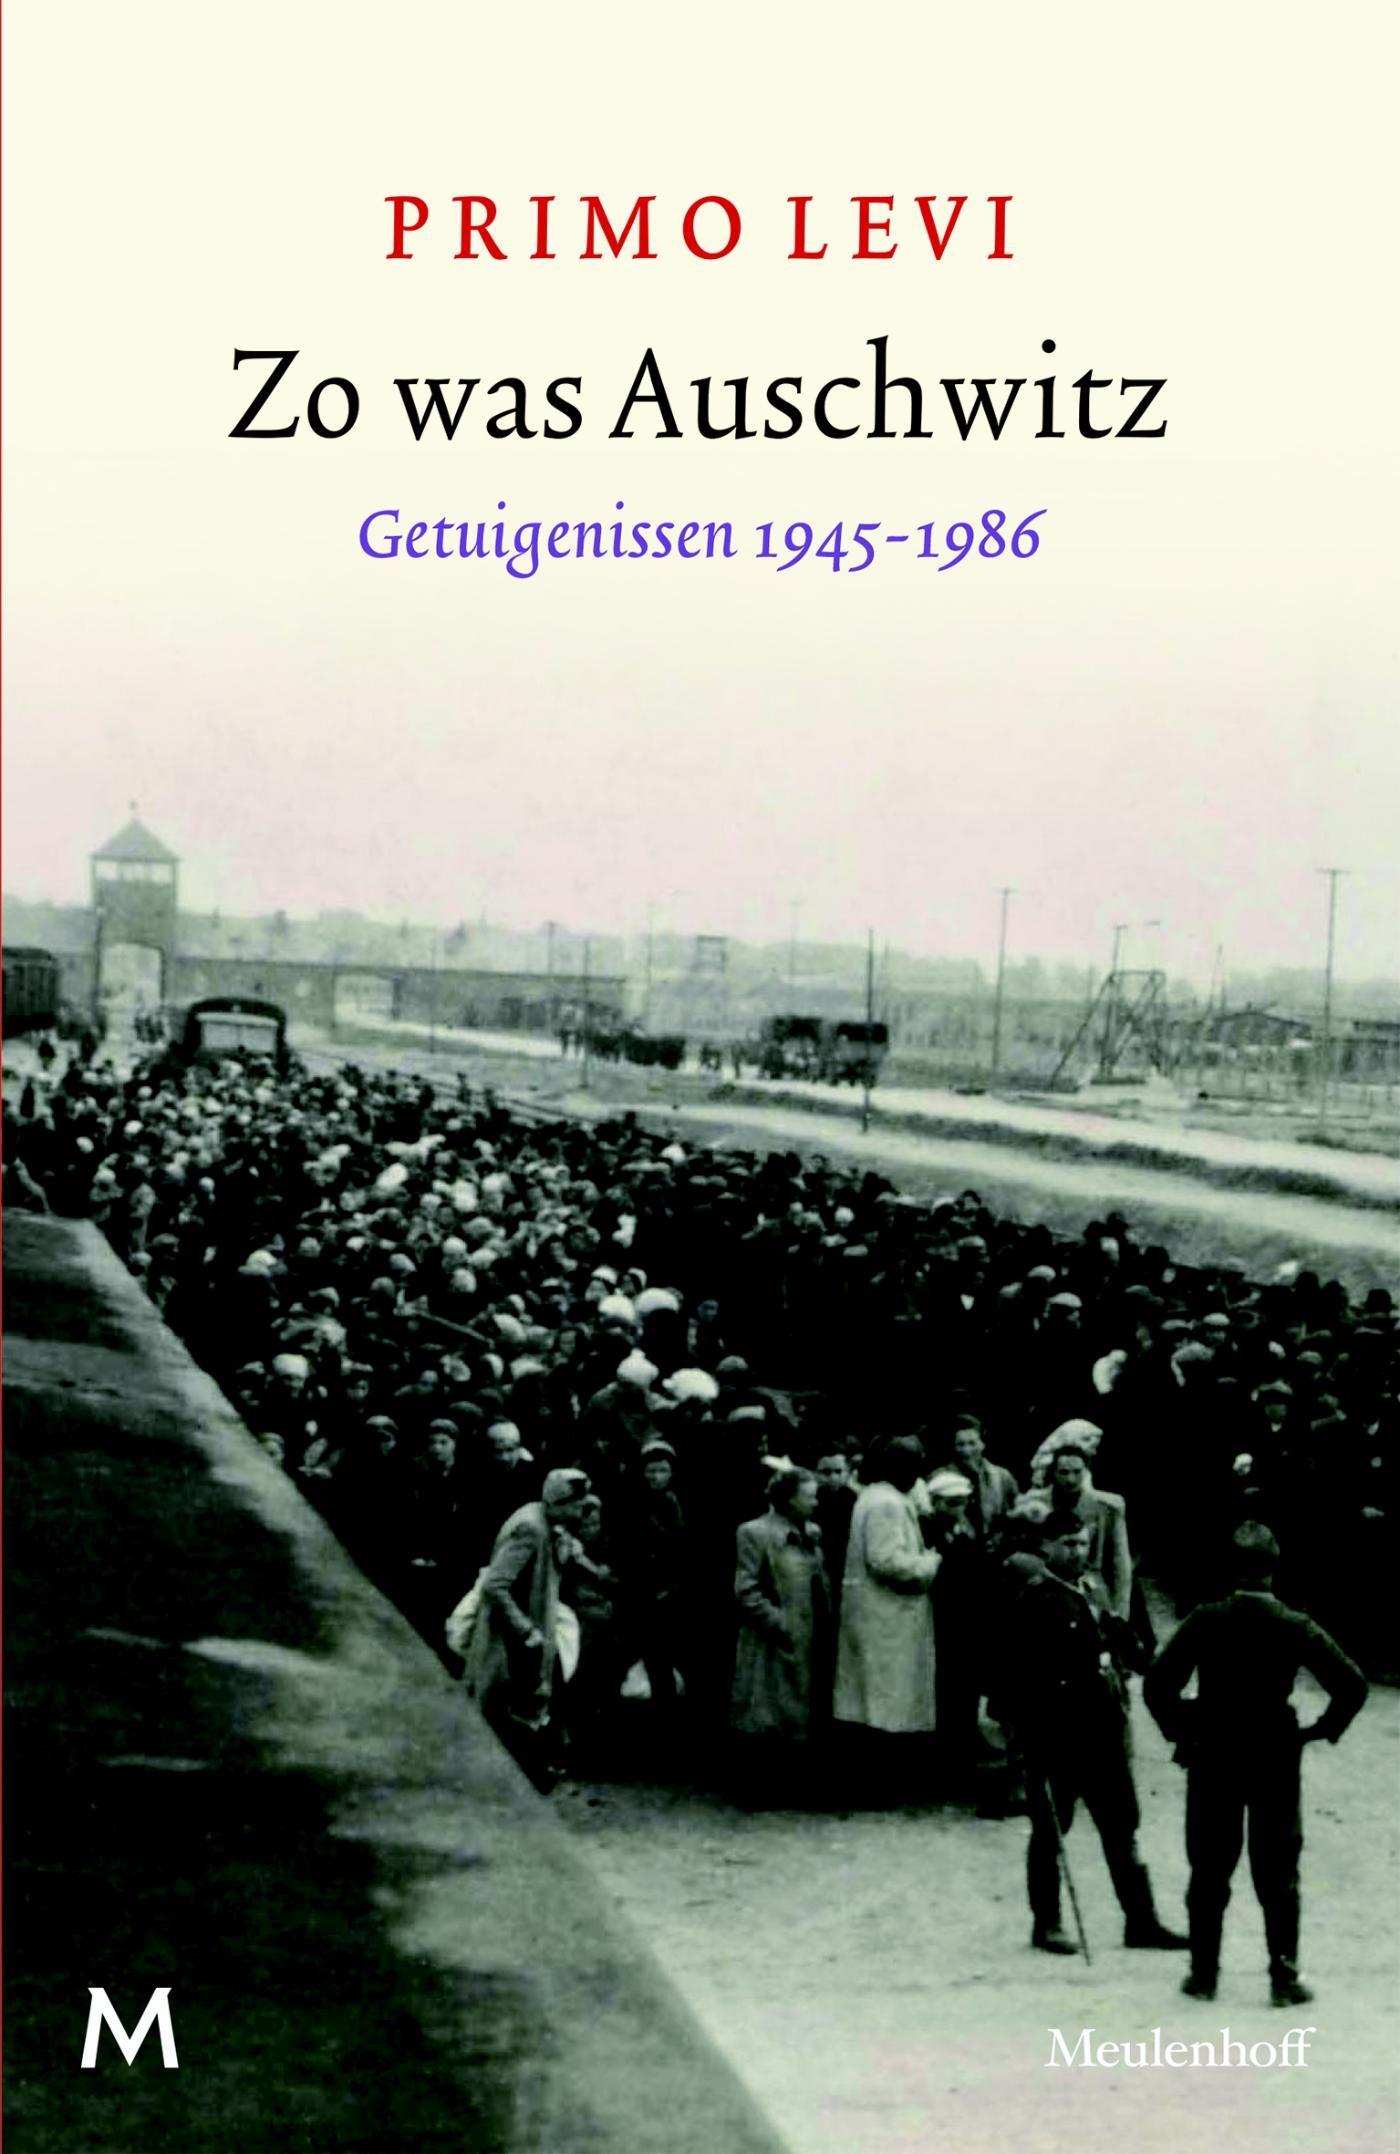 Zo was Auschwitz – Primo Levi